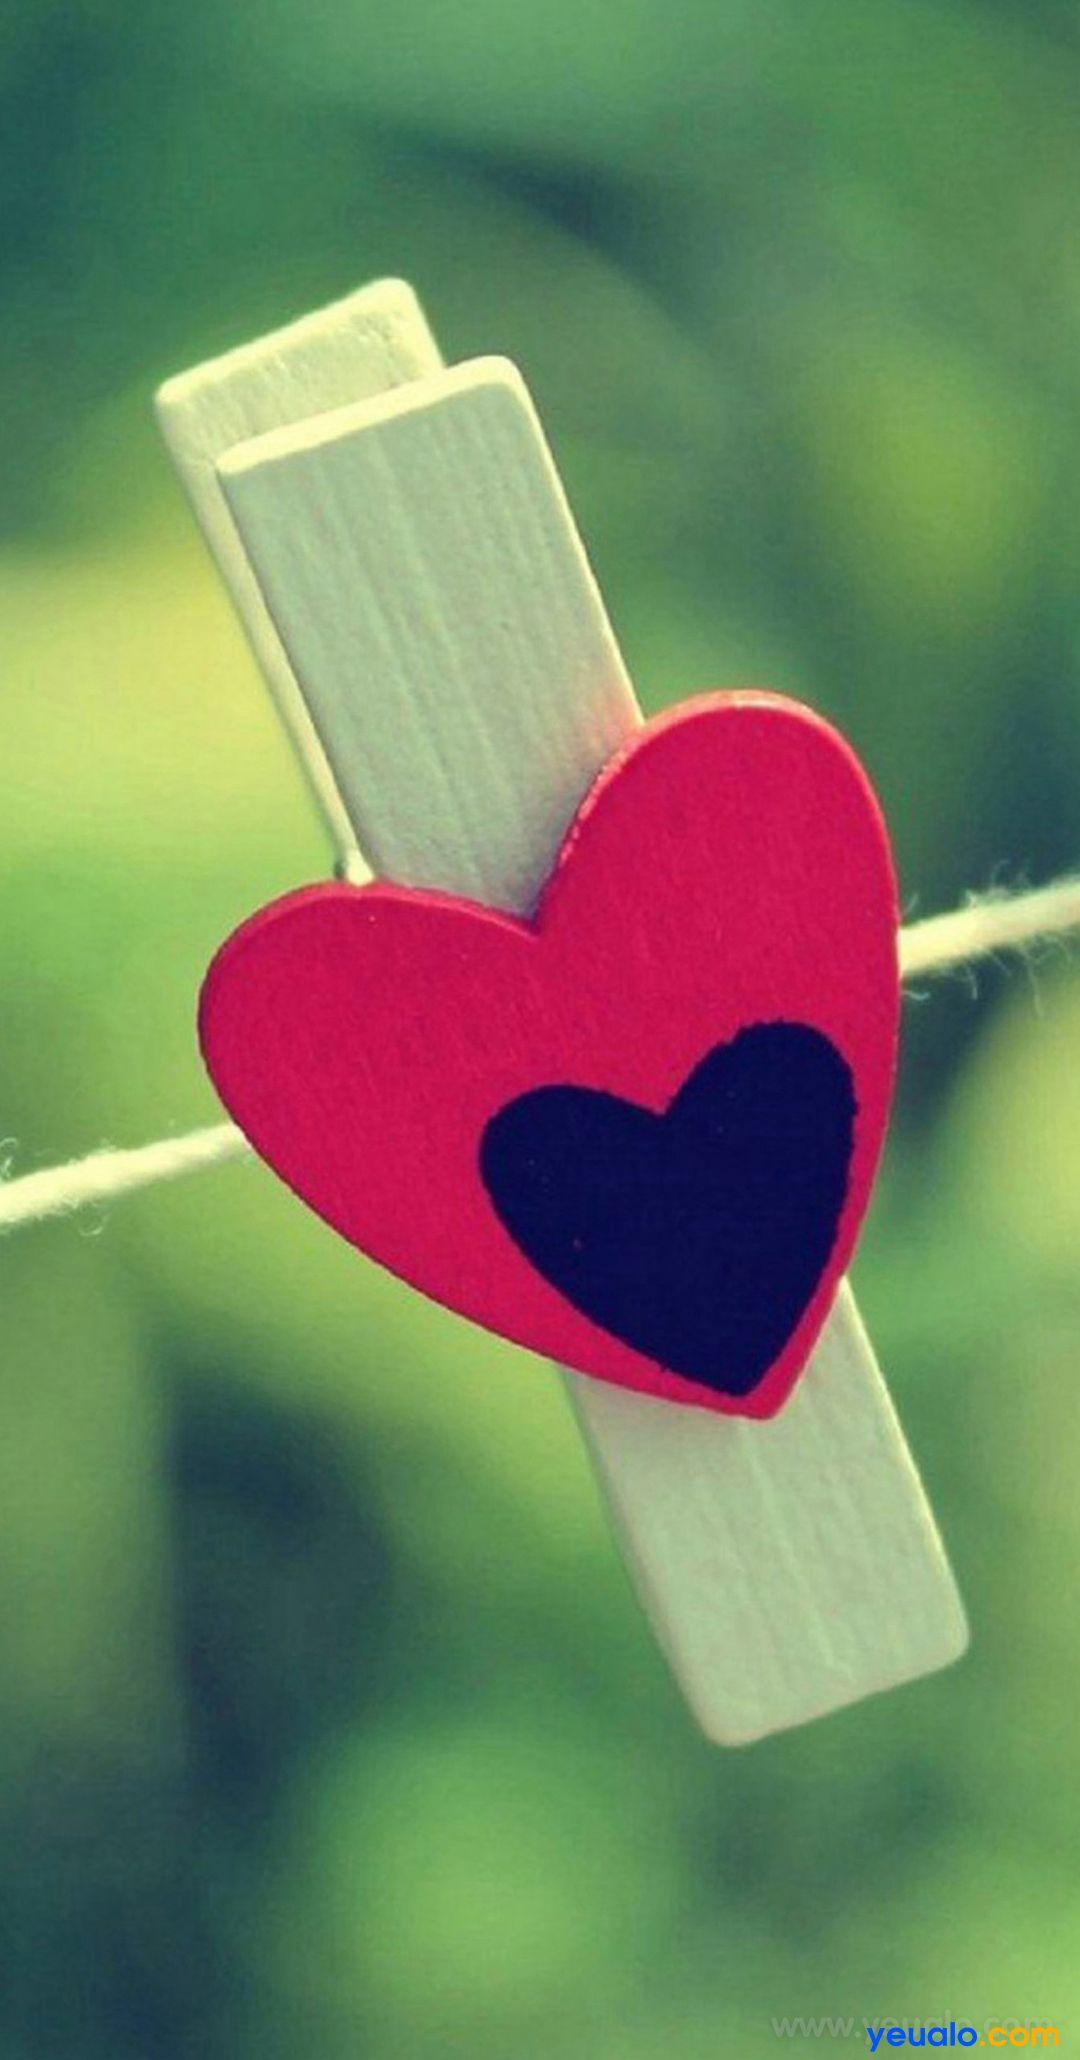 Hình nền điện thoại về tình yêu đẹp 16